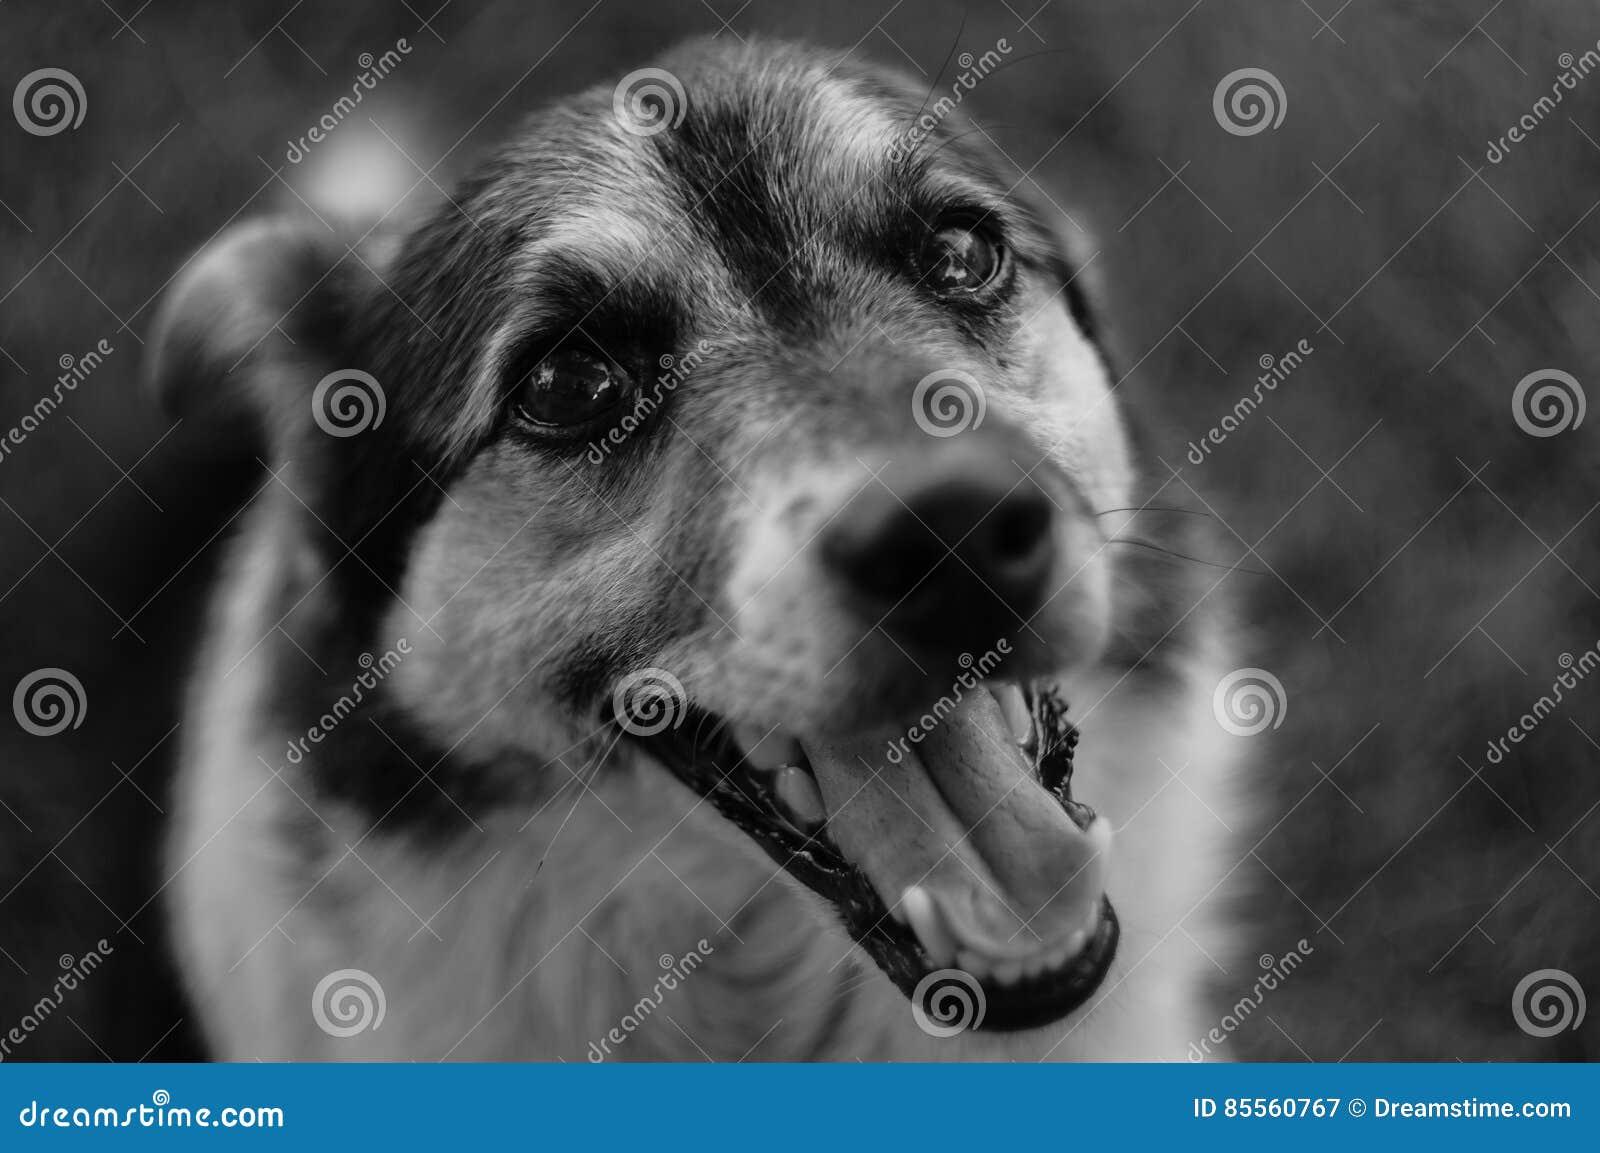 Bild eines Hundes in Schwarzweiss